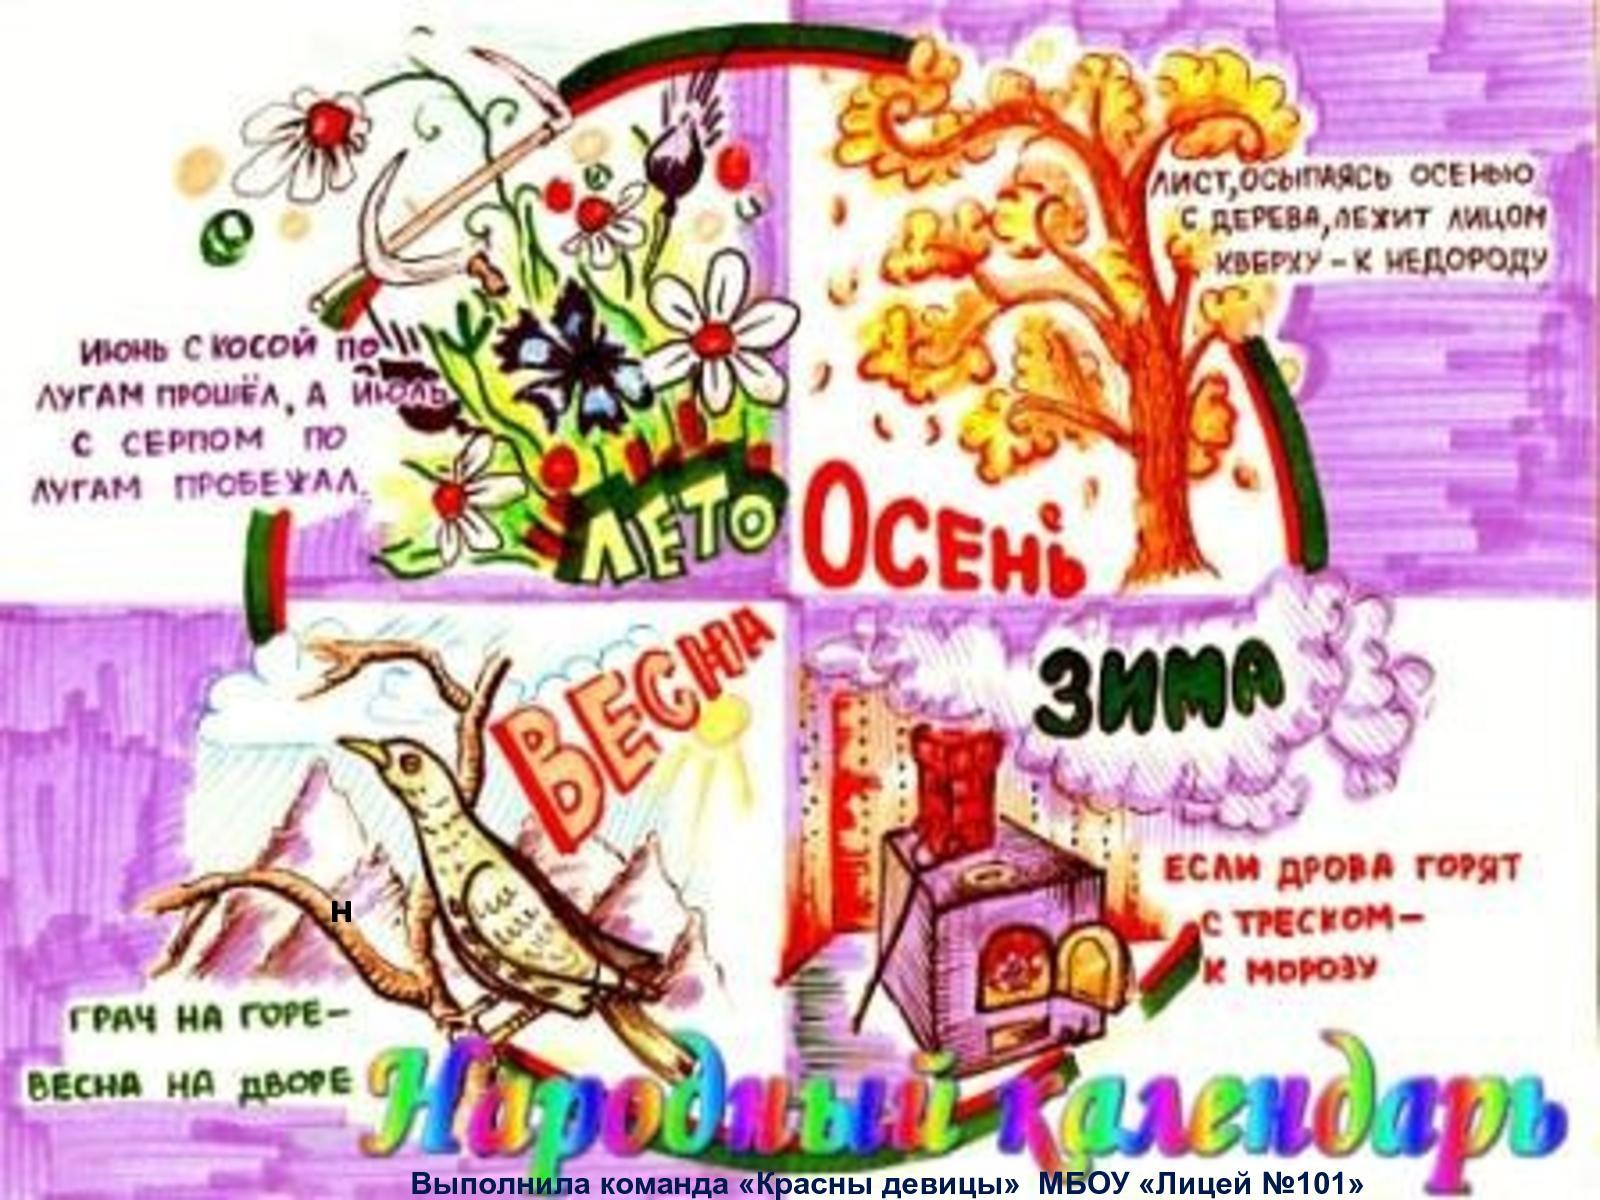 Фото перекидных тематических настольных календарей первой